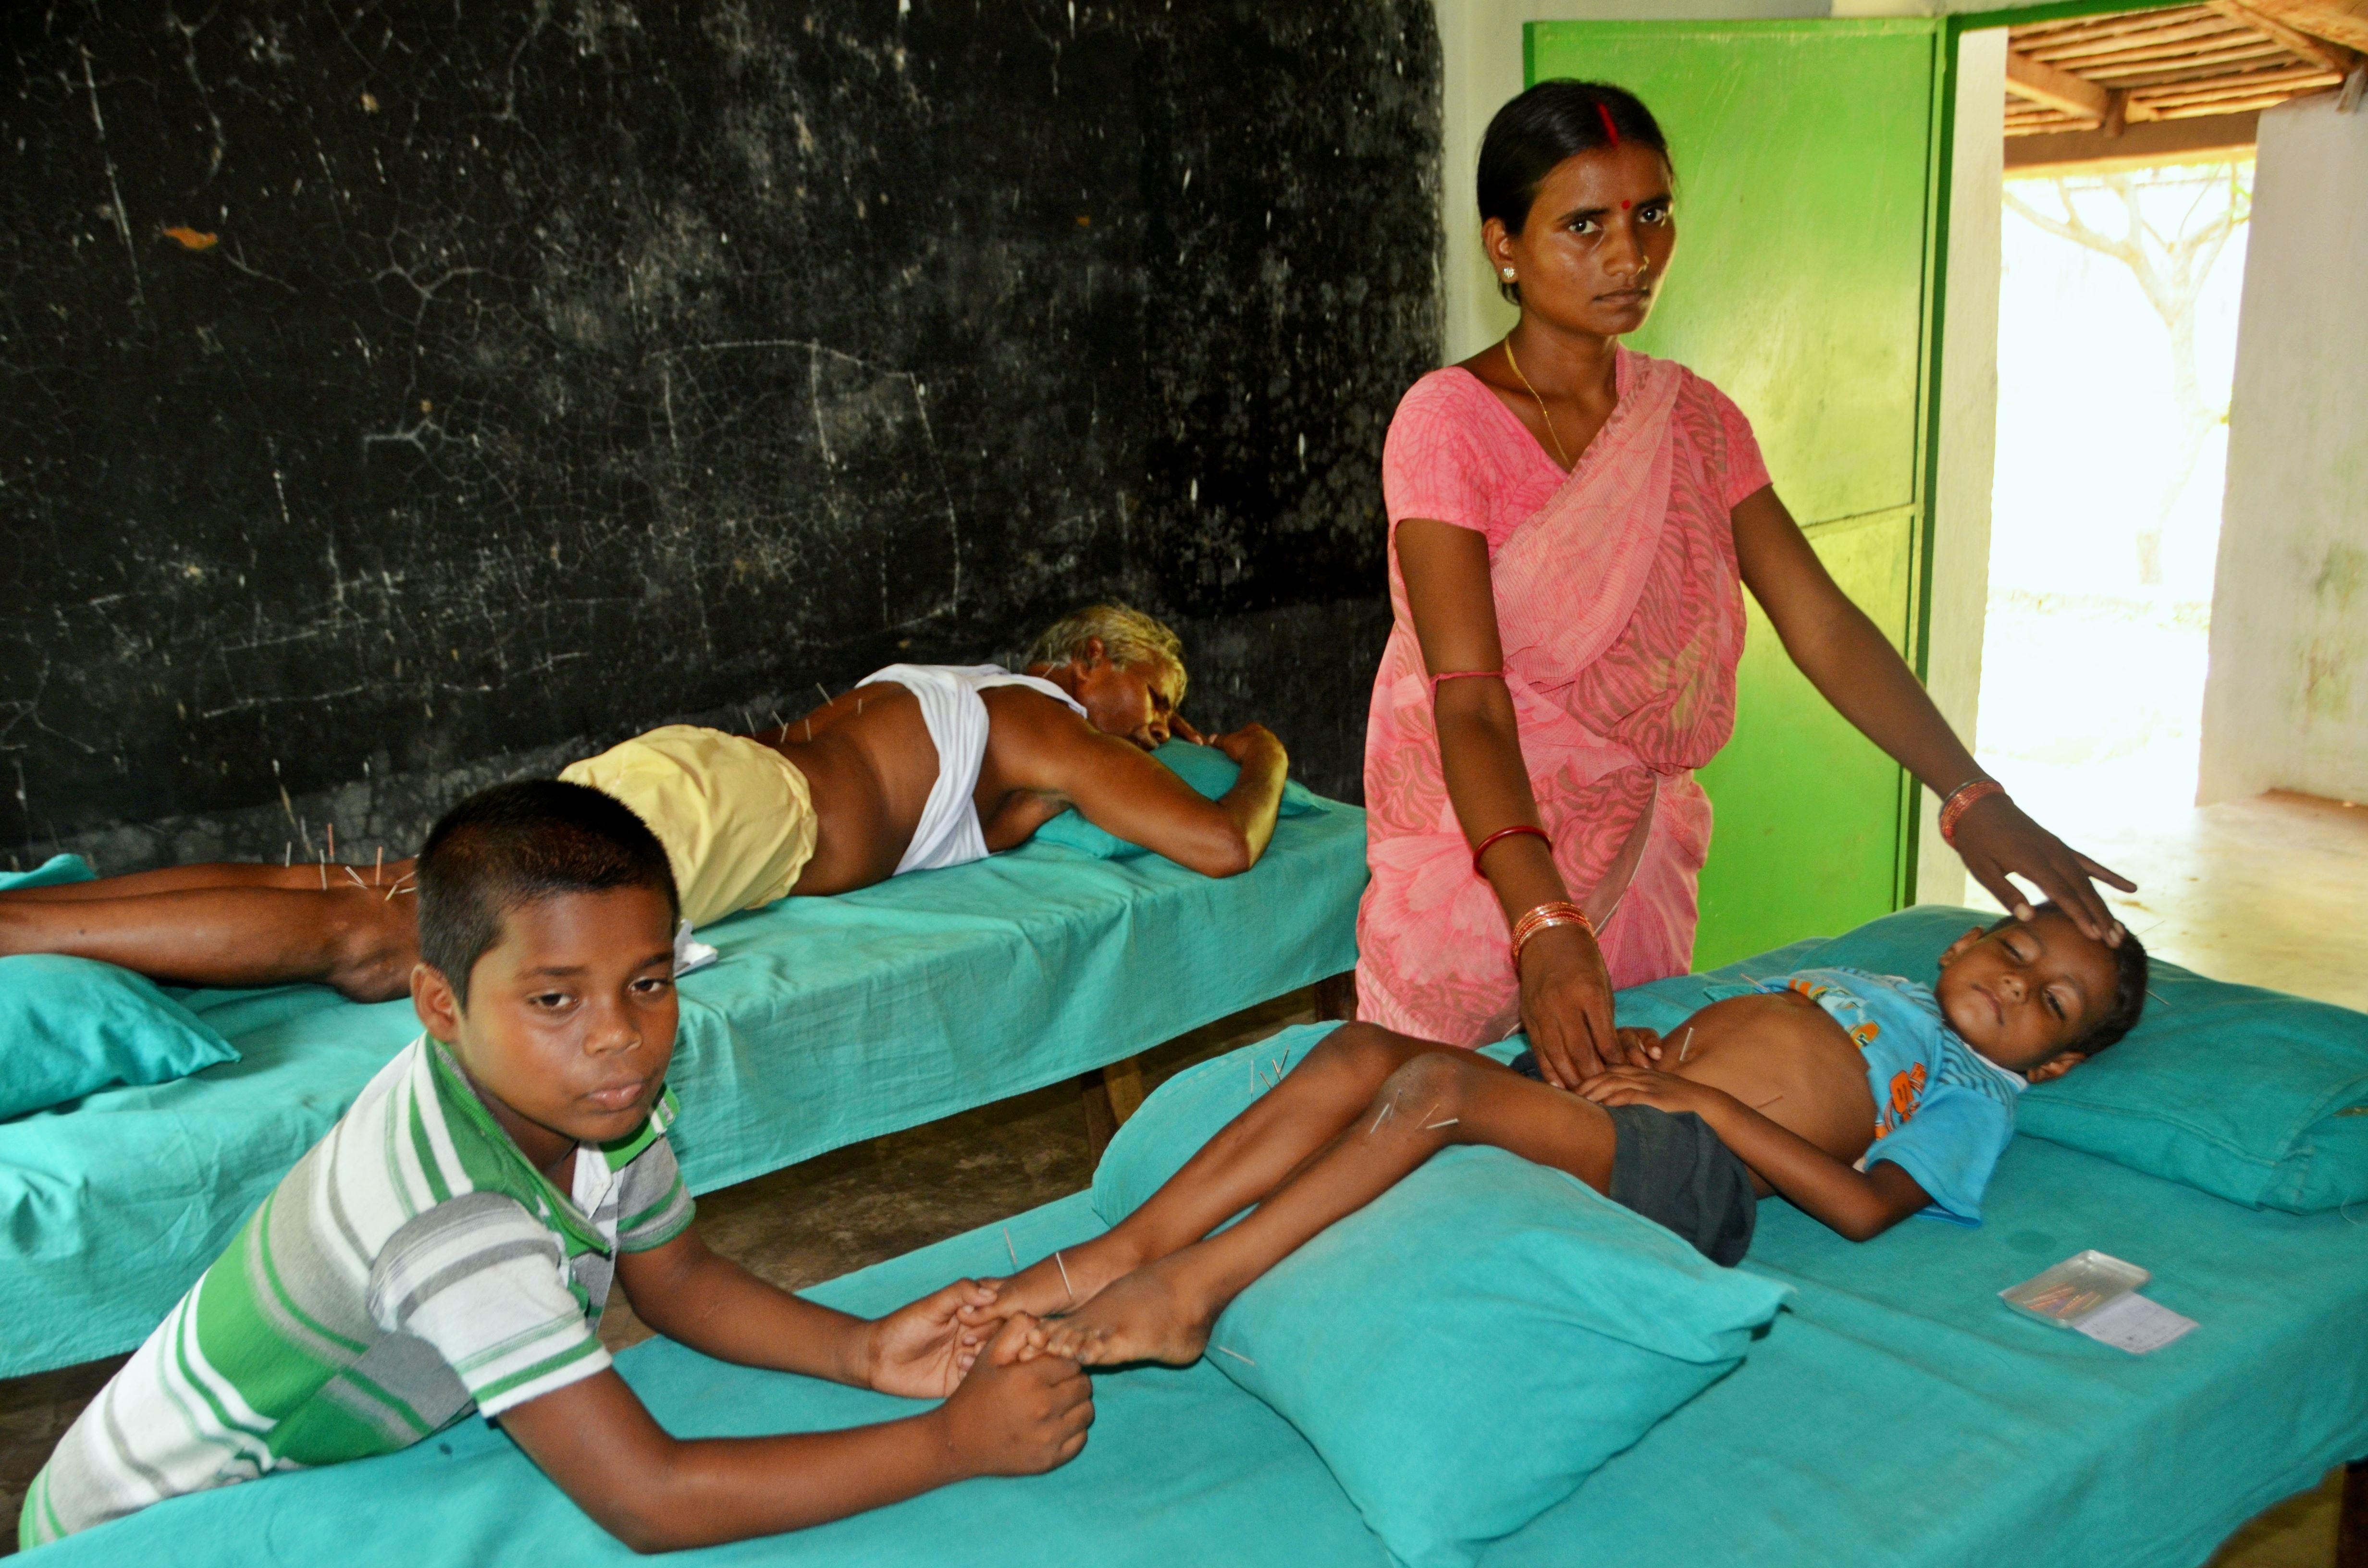 Nepal-Thrangu-Clinic Acupuntura Sem Fronteiras: Um Relato do Professor Marcos Yau